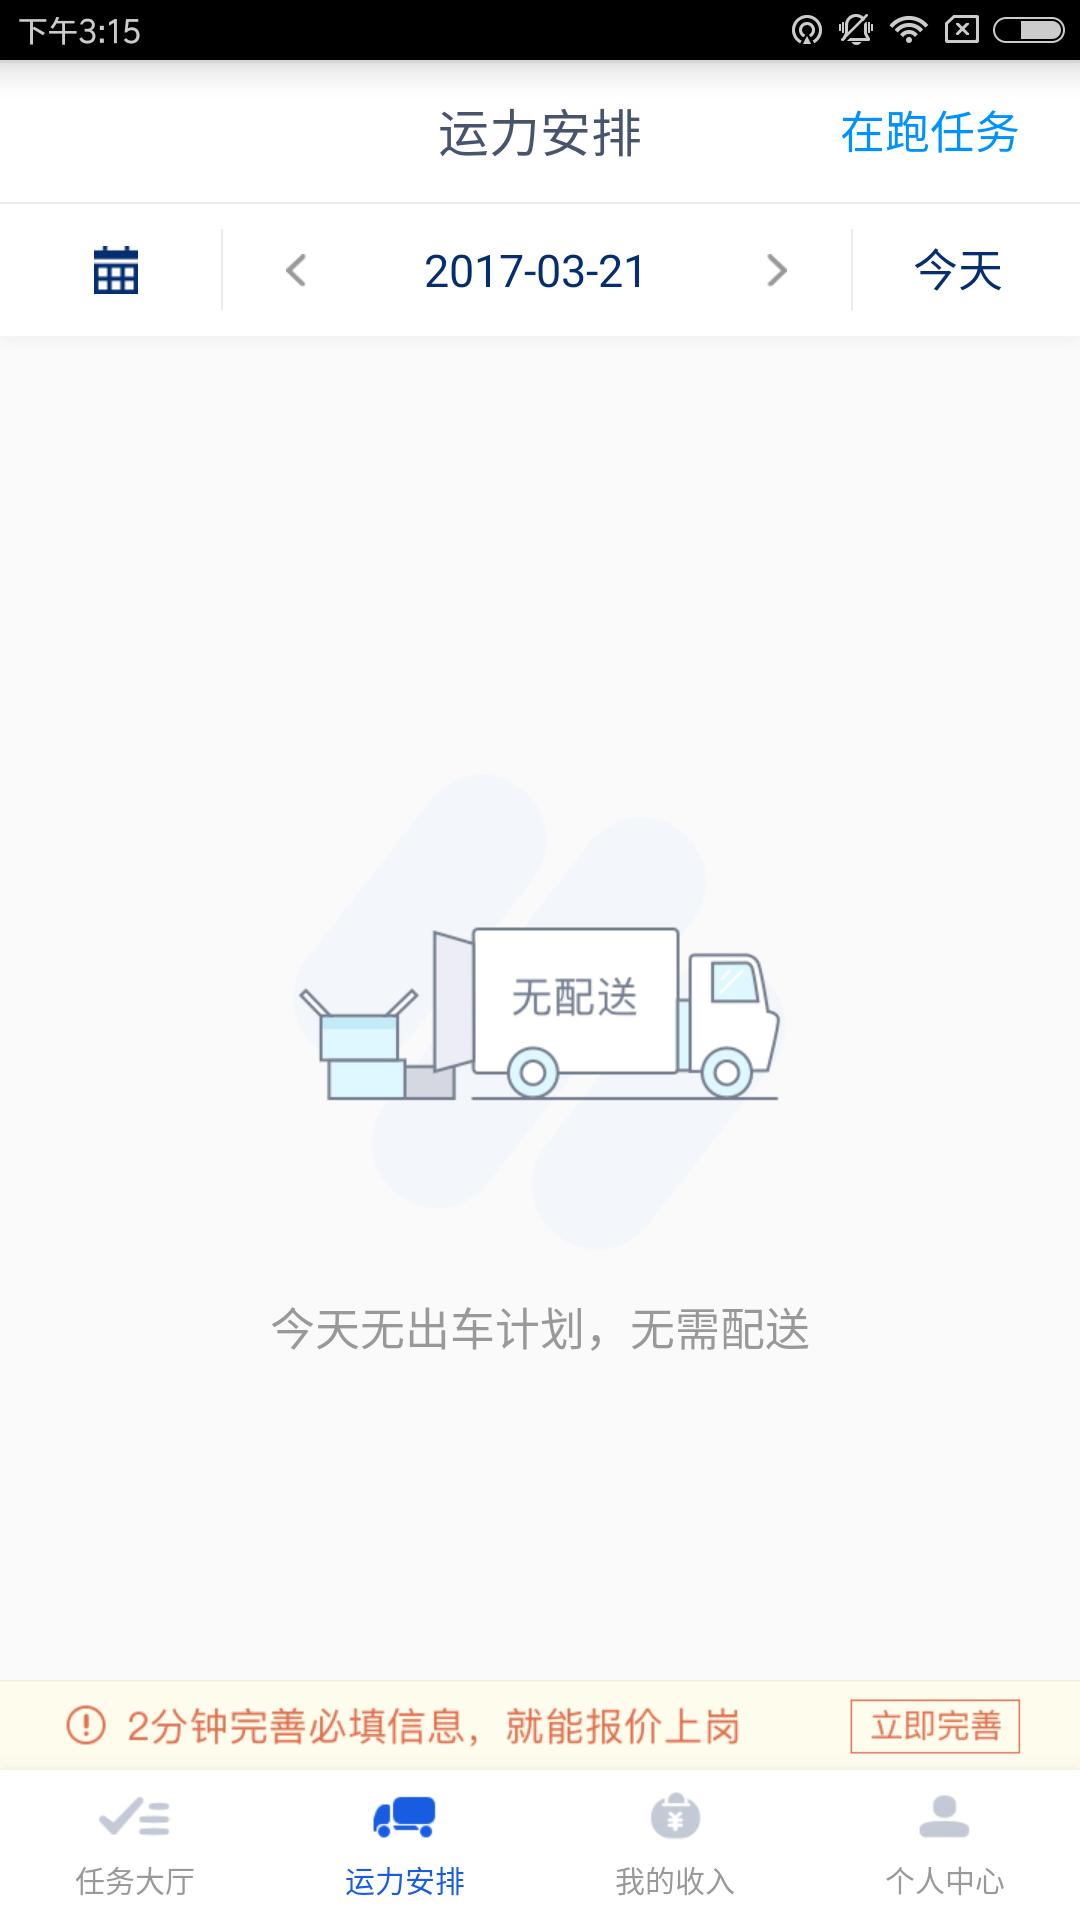 云鸟司机的运费什么时候能到账?云鸟司机的运费问题[图]